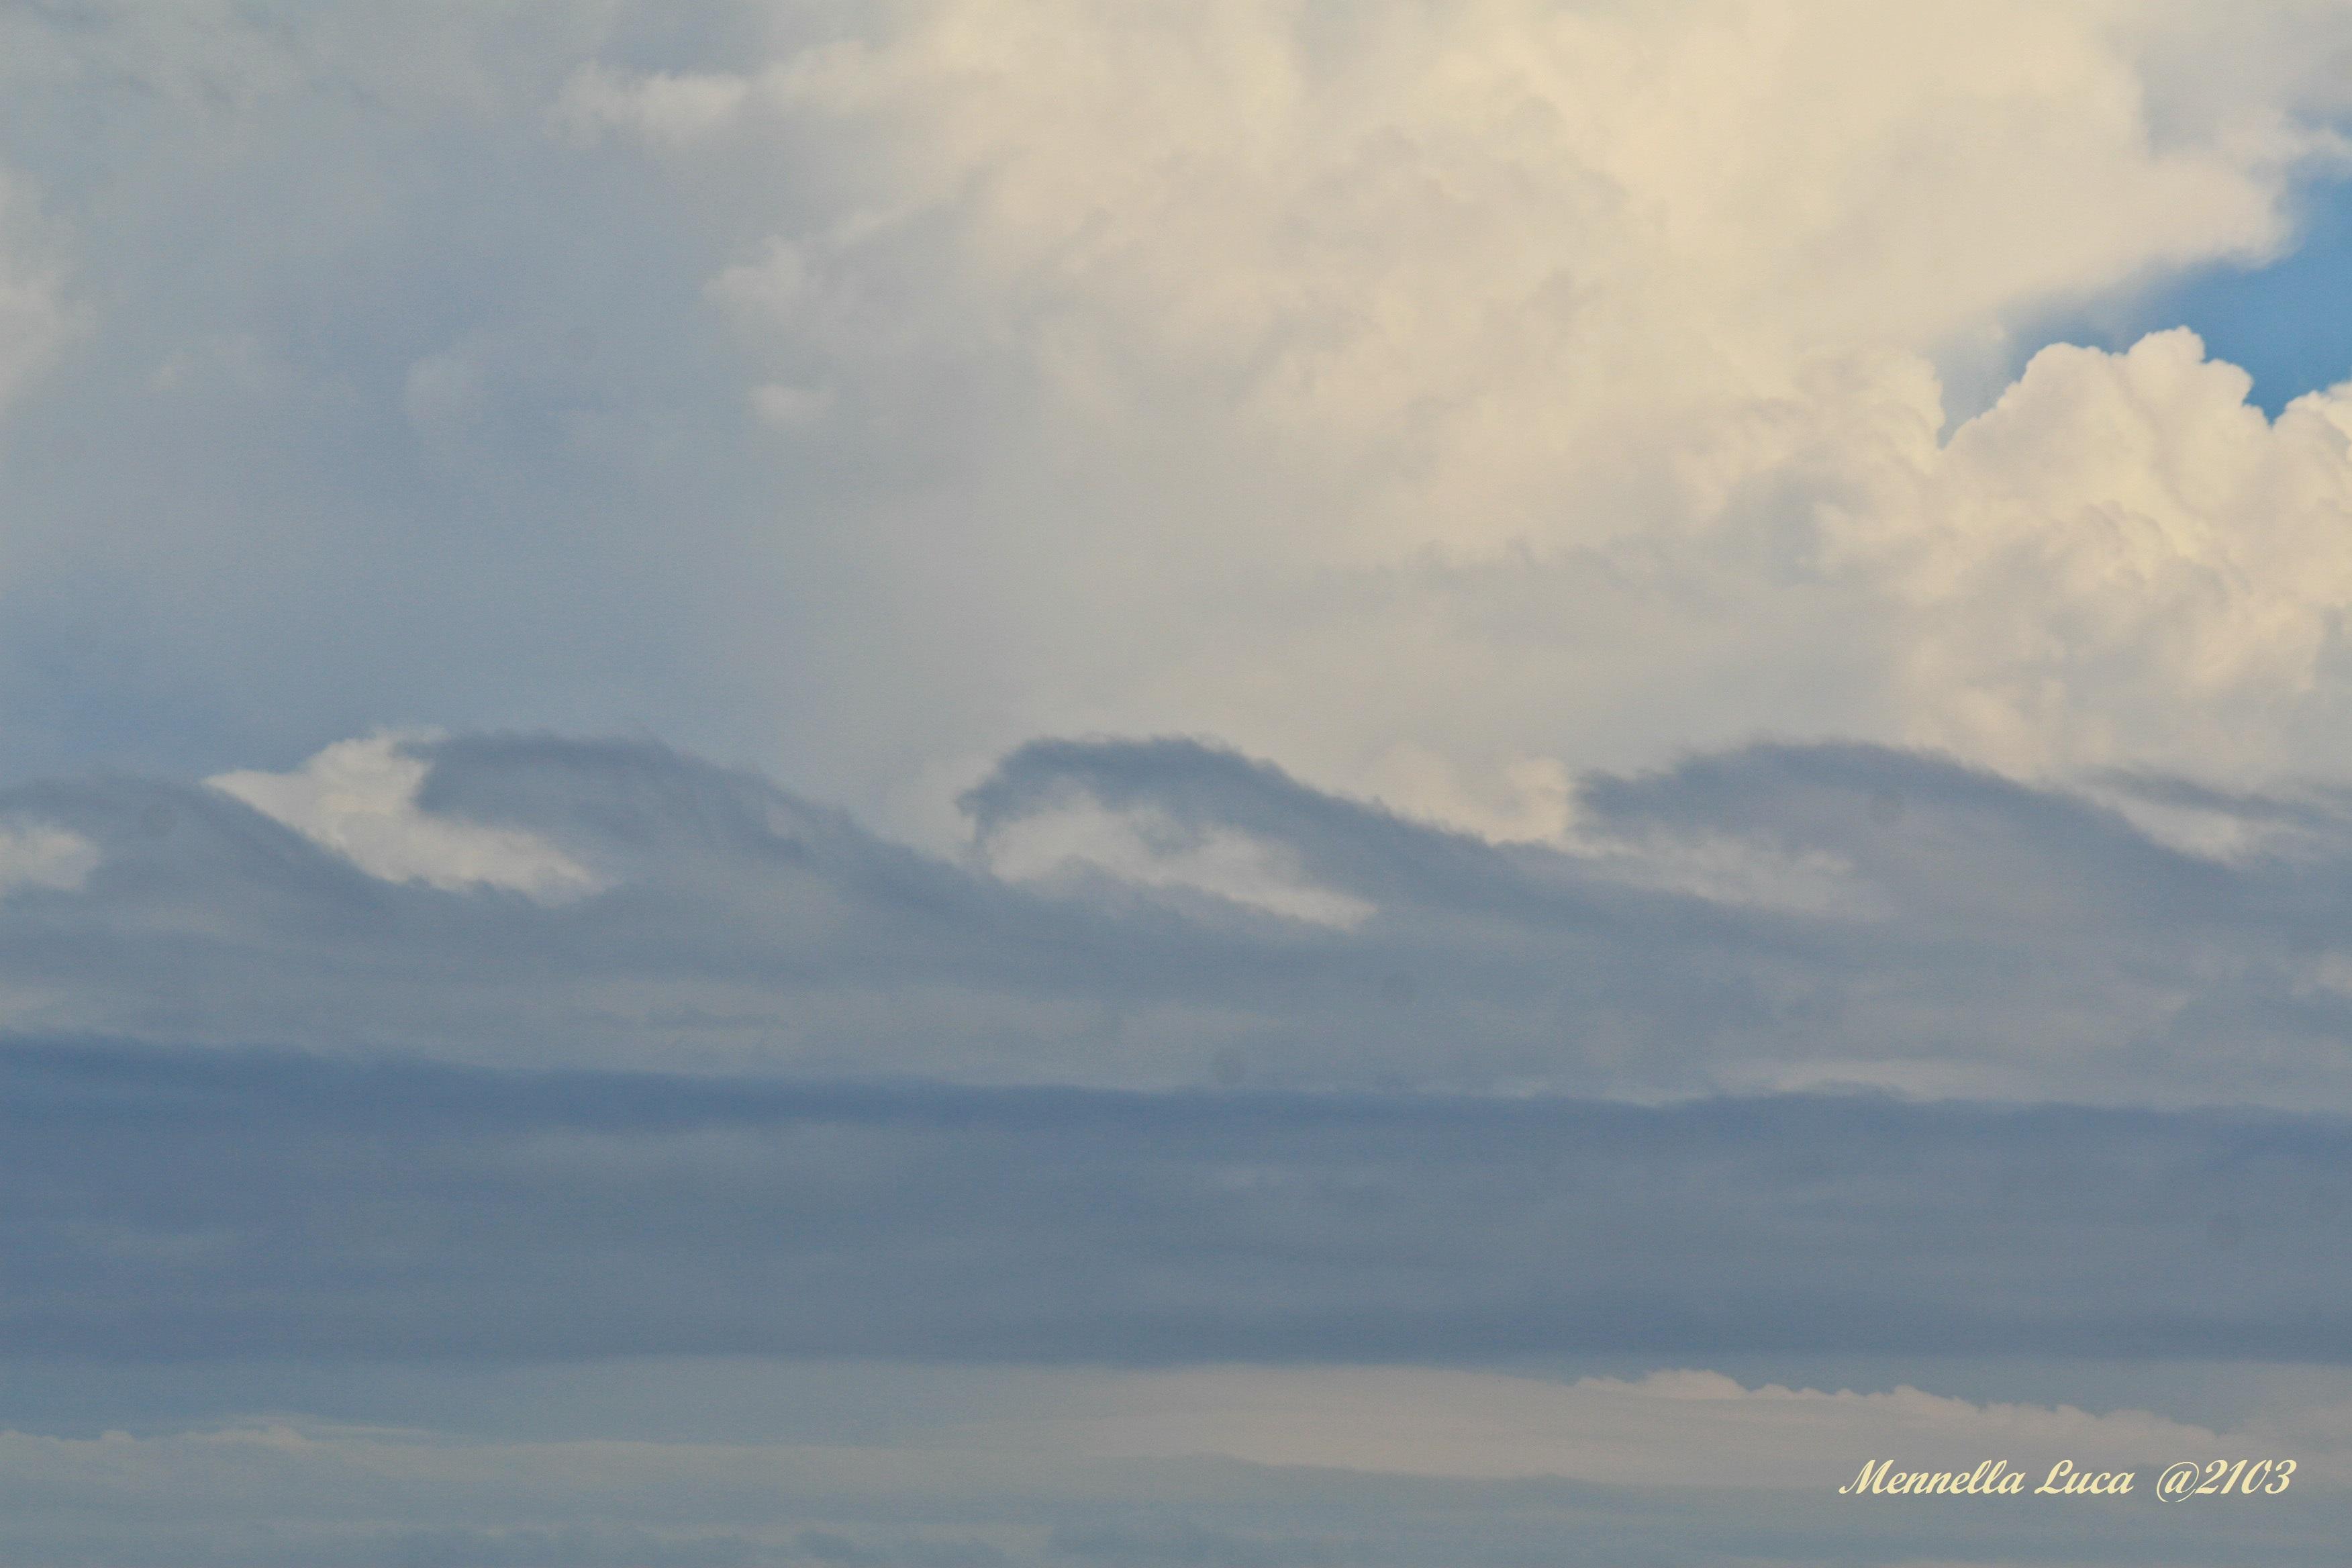 Instabilità di Kelvin Helmholtz. Foto del 9 Ottobre 2013nei pressi dalle coste Abruzzesi.